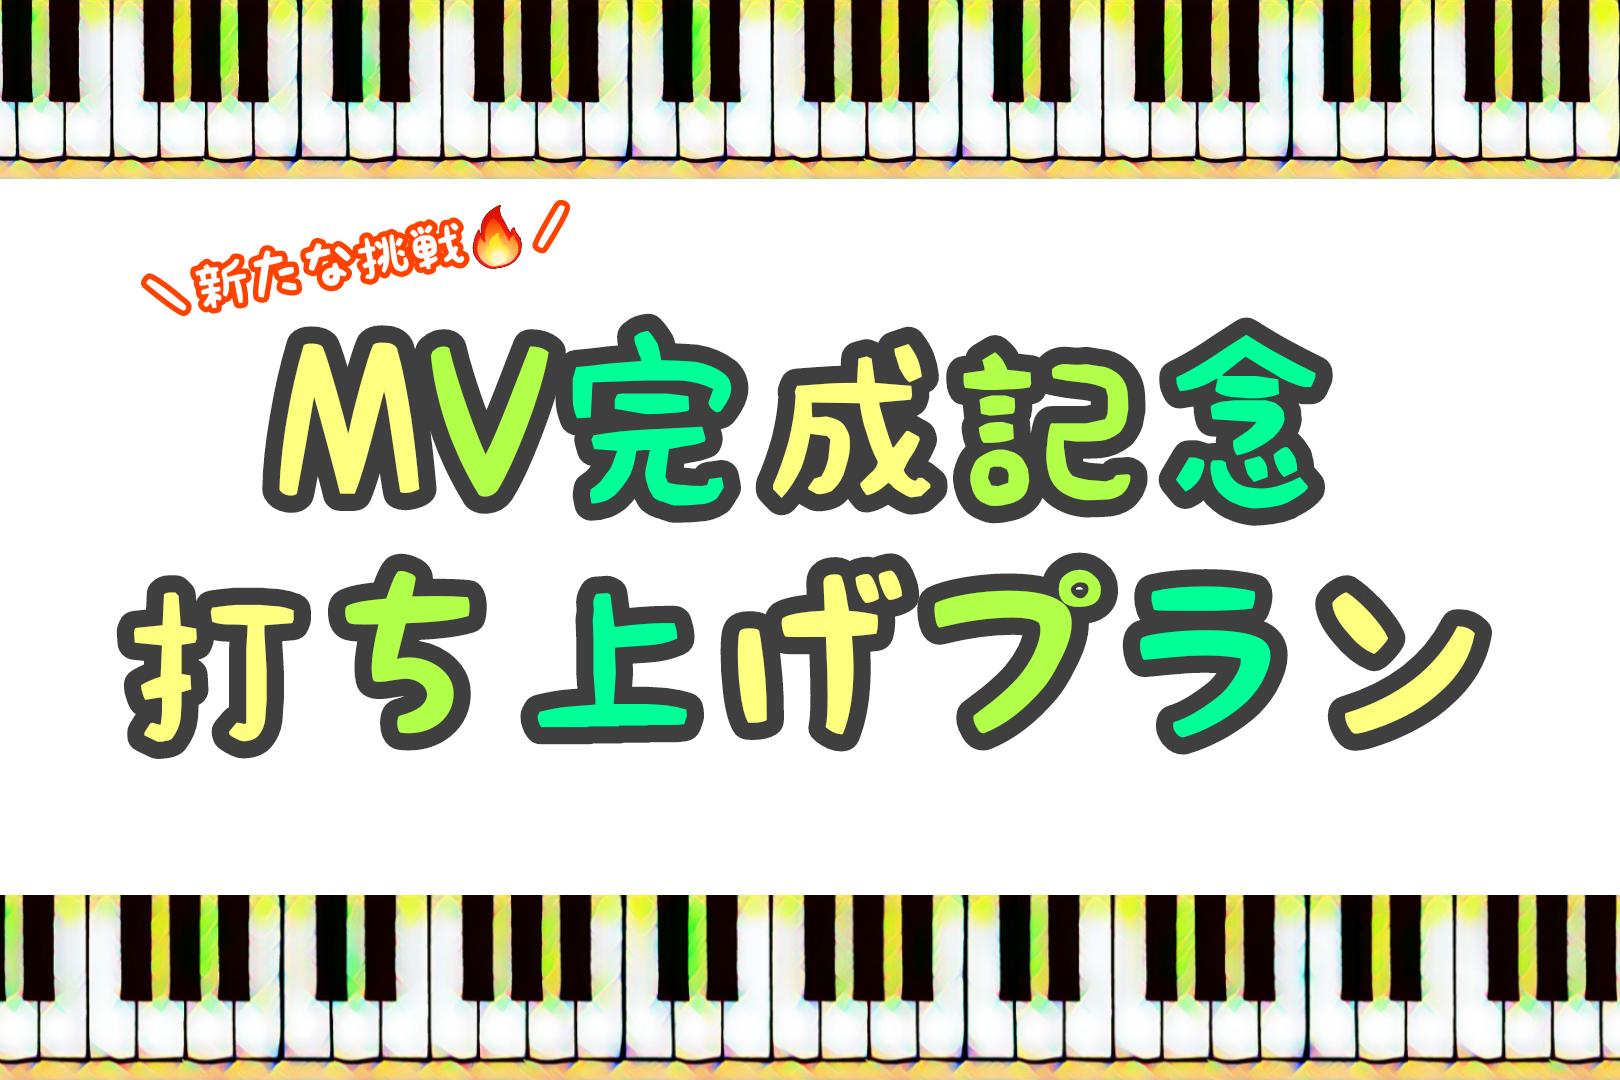 <【新たな挑戦】MV完成記念打ち上げ プラン>限定10名